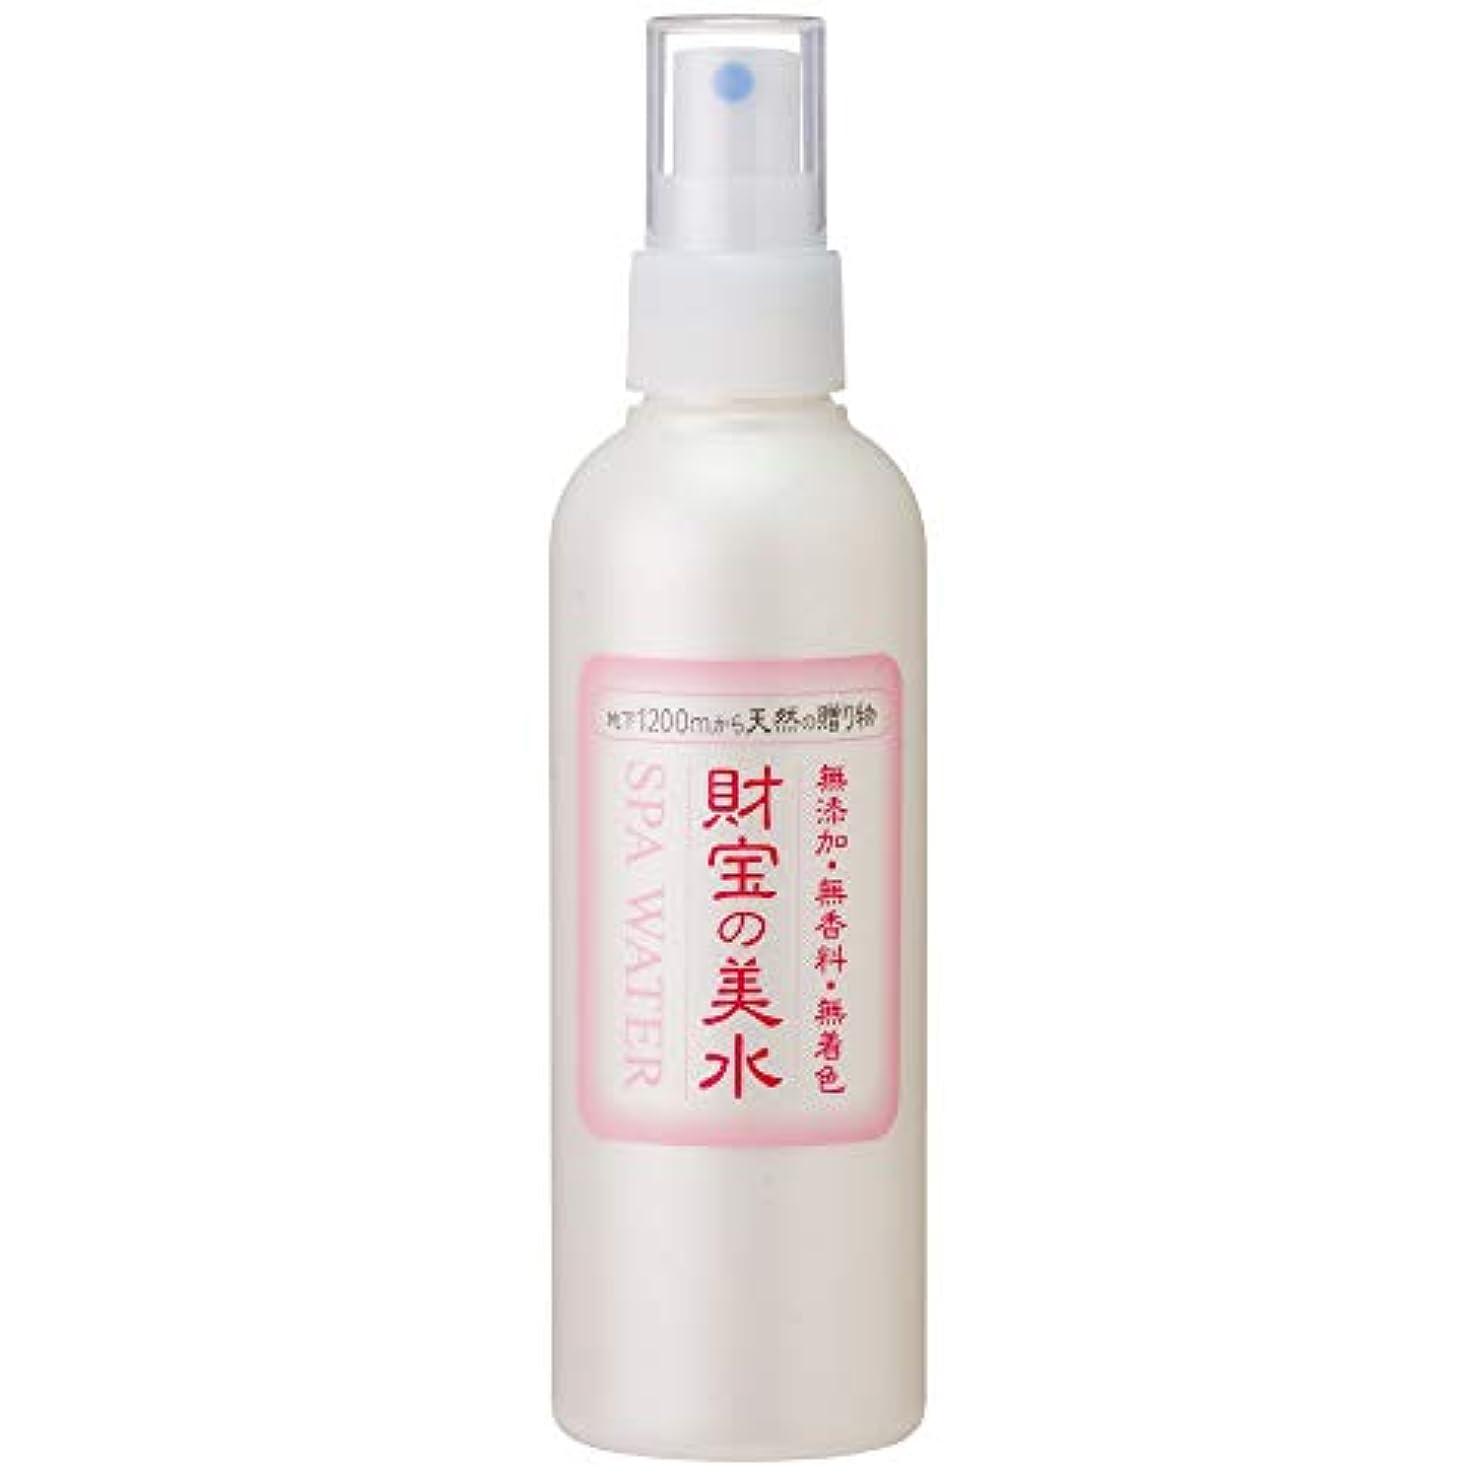 第四手順最初は財宝 温泉 美水 ミスト 化粧水 200ml